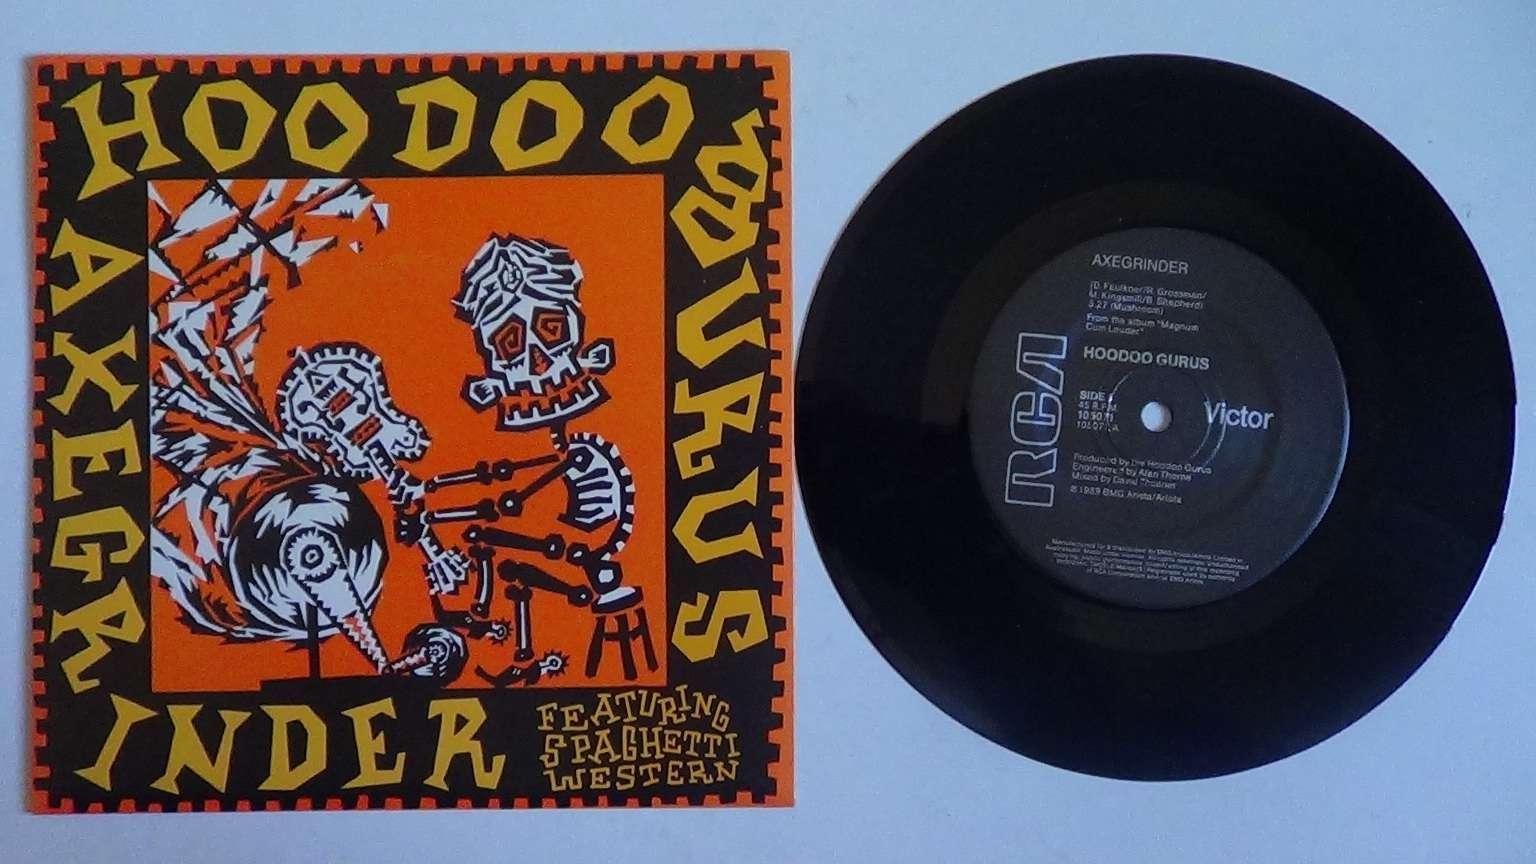 Hoodoo Gurus - Big Deal